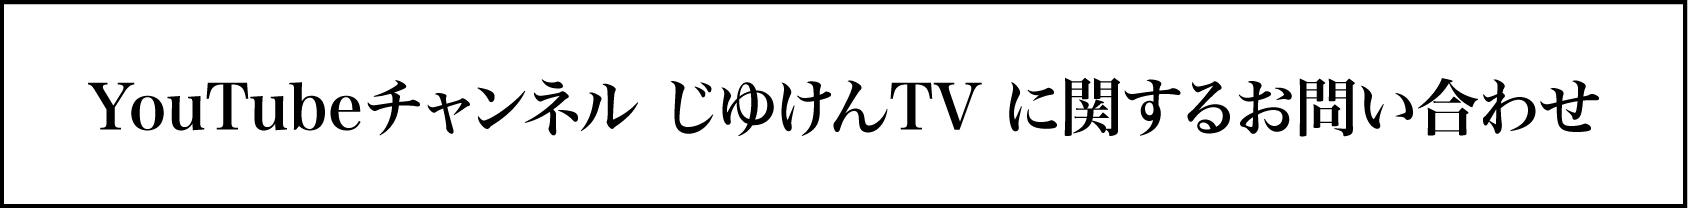 YouTubeチャンネル じゆけんTV に関するお問い合わせ